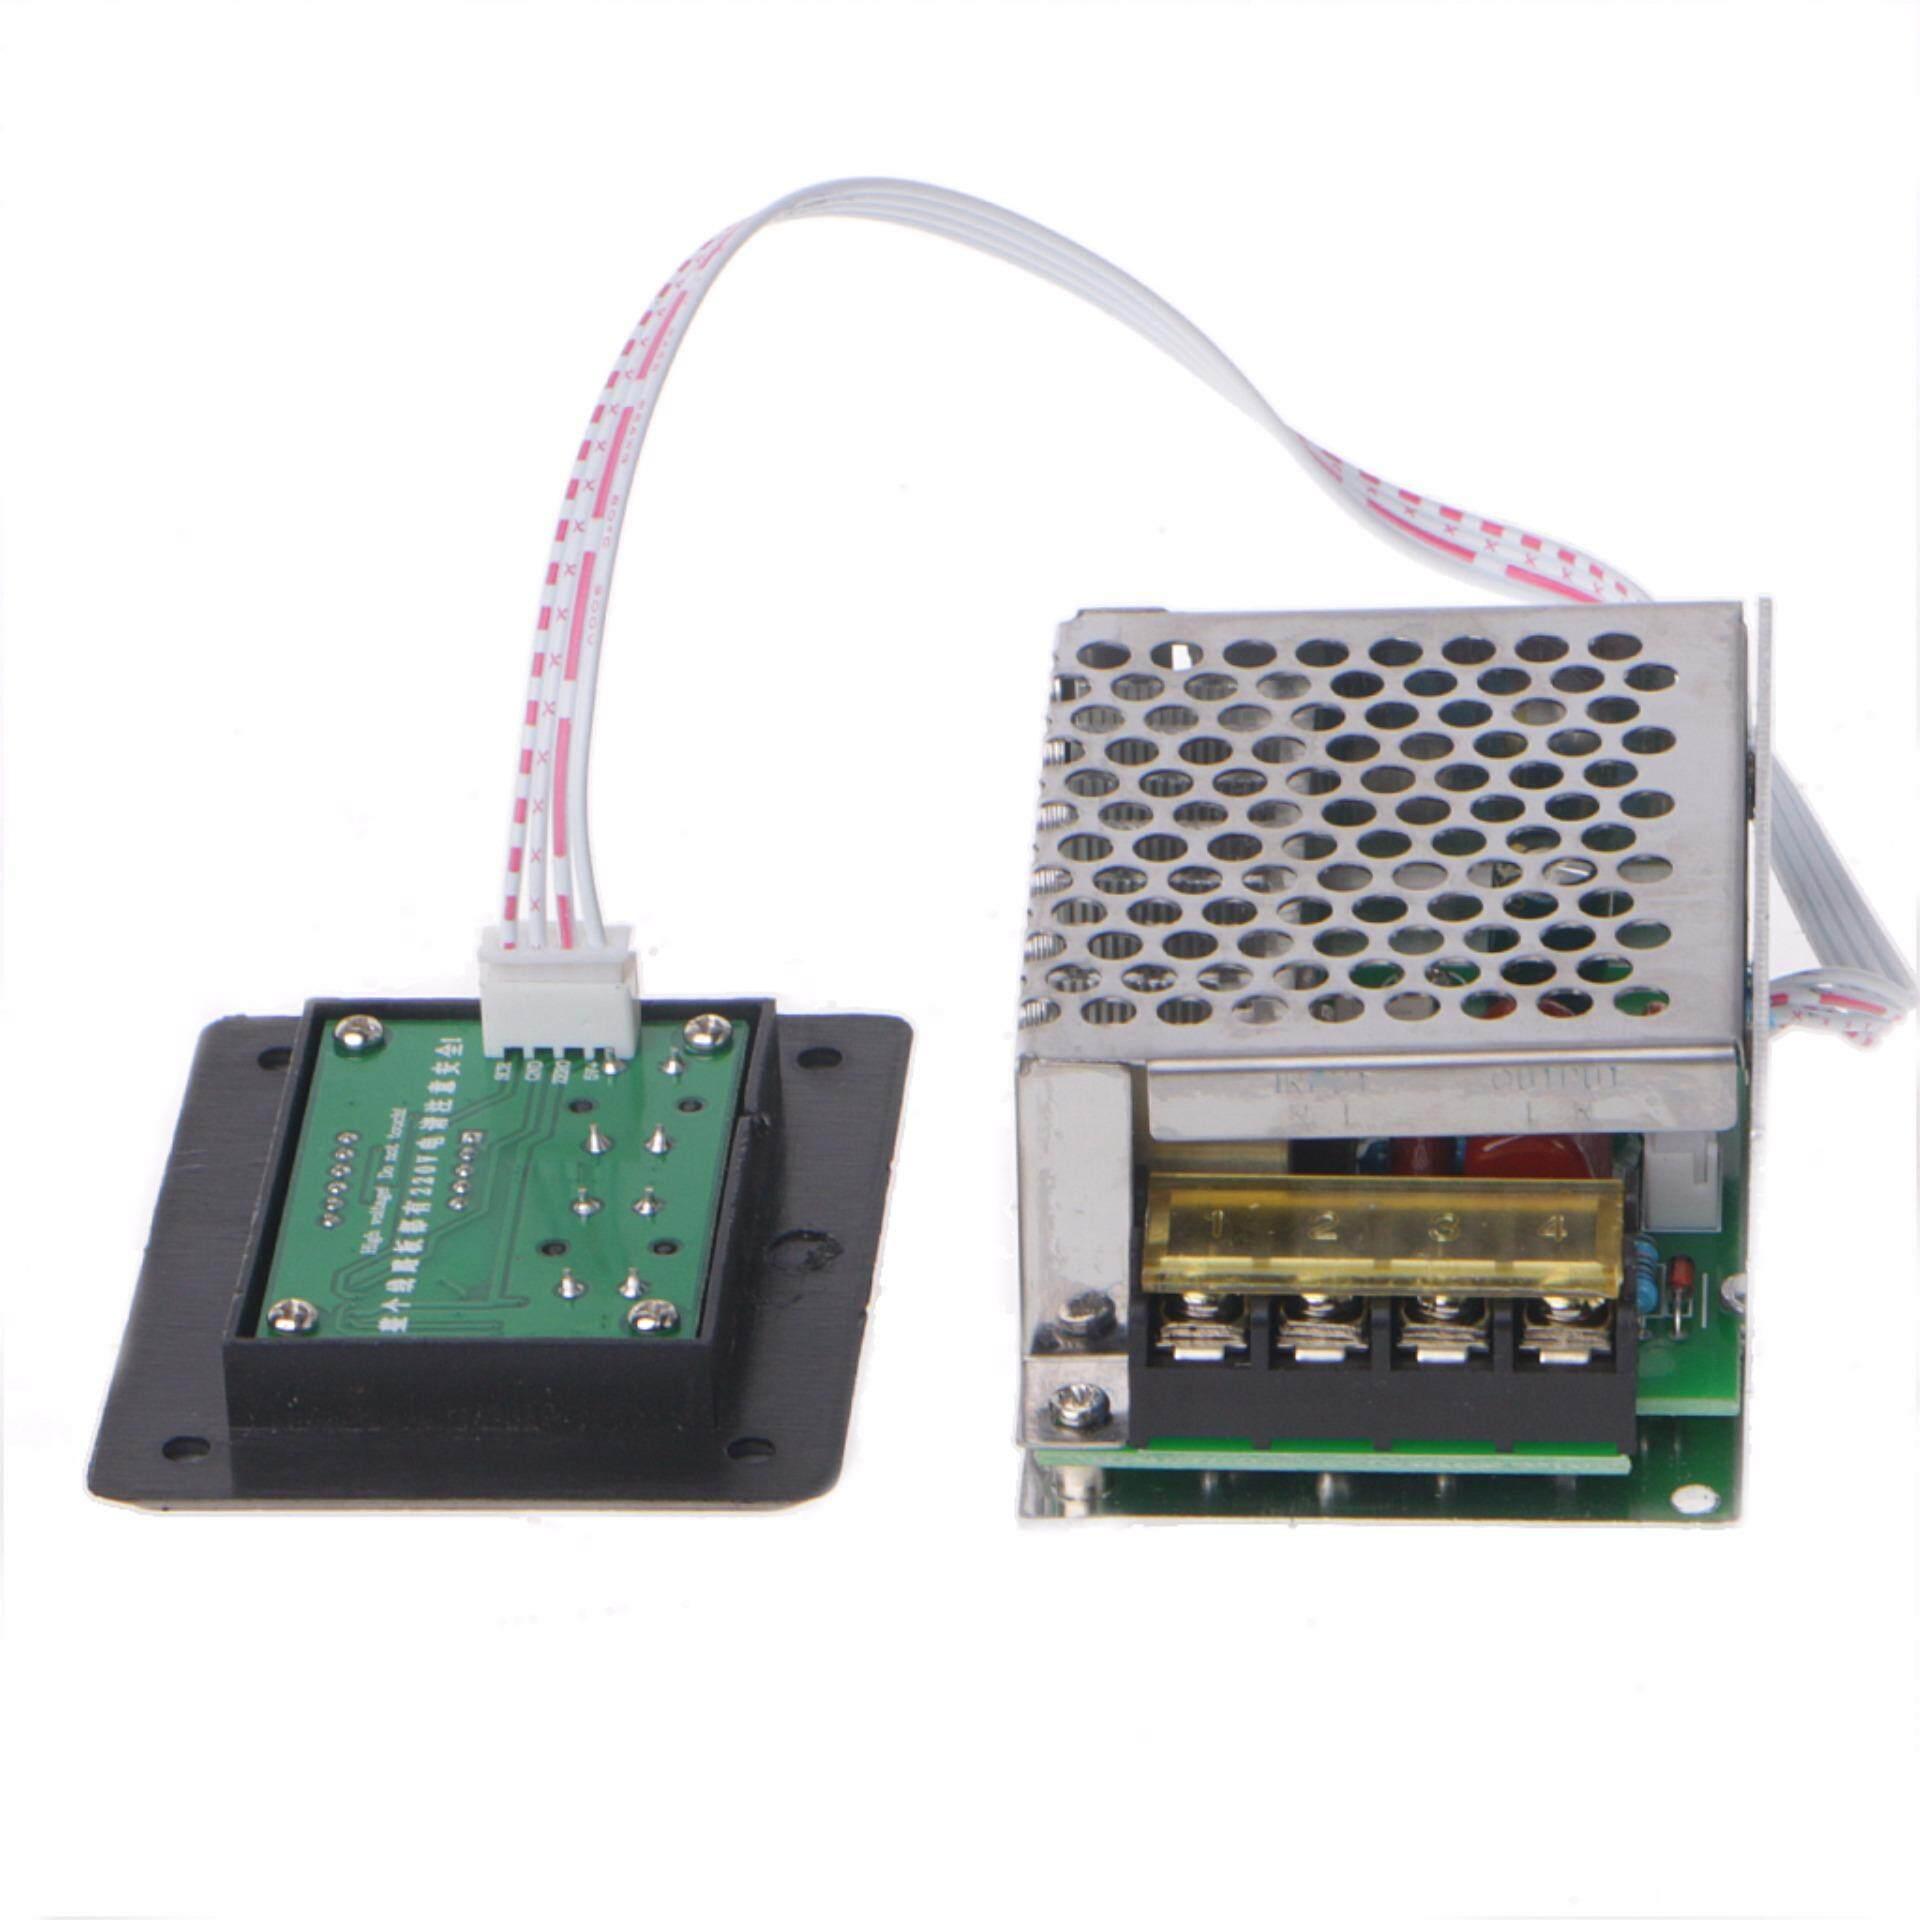 Fitur Led Display Ac 220v 4000w Scr Voltage Regulator Control Light Dimmer Thermostat Intl 4